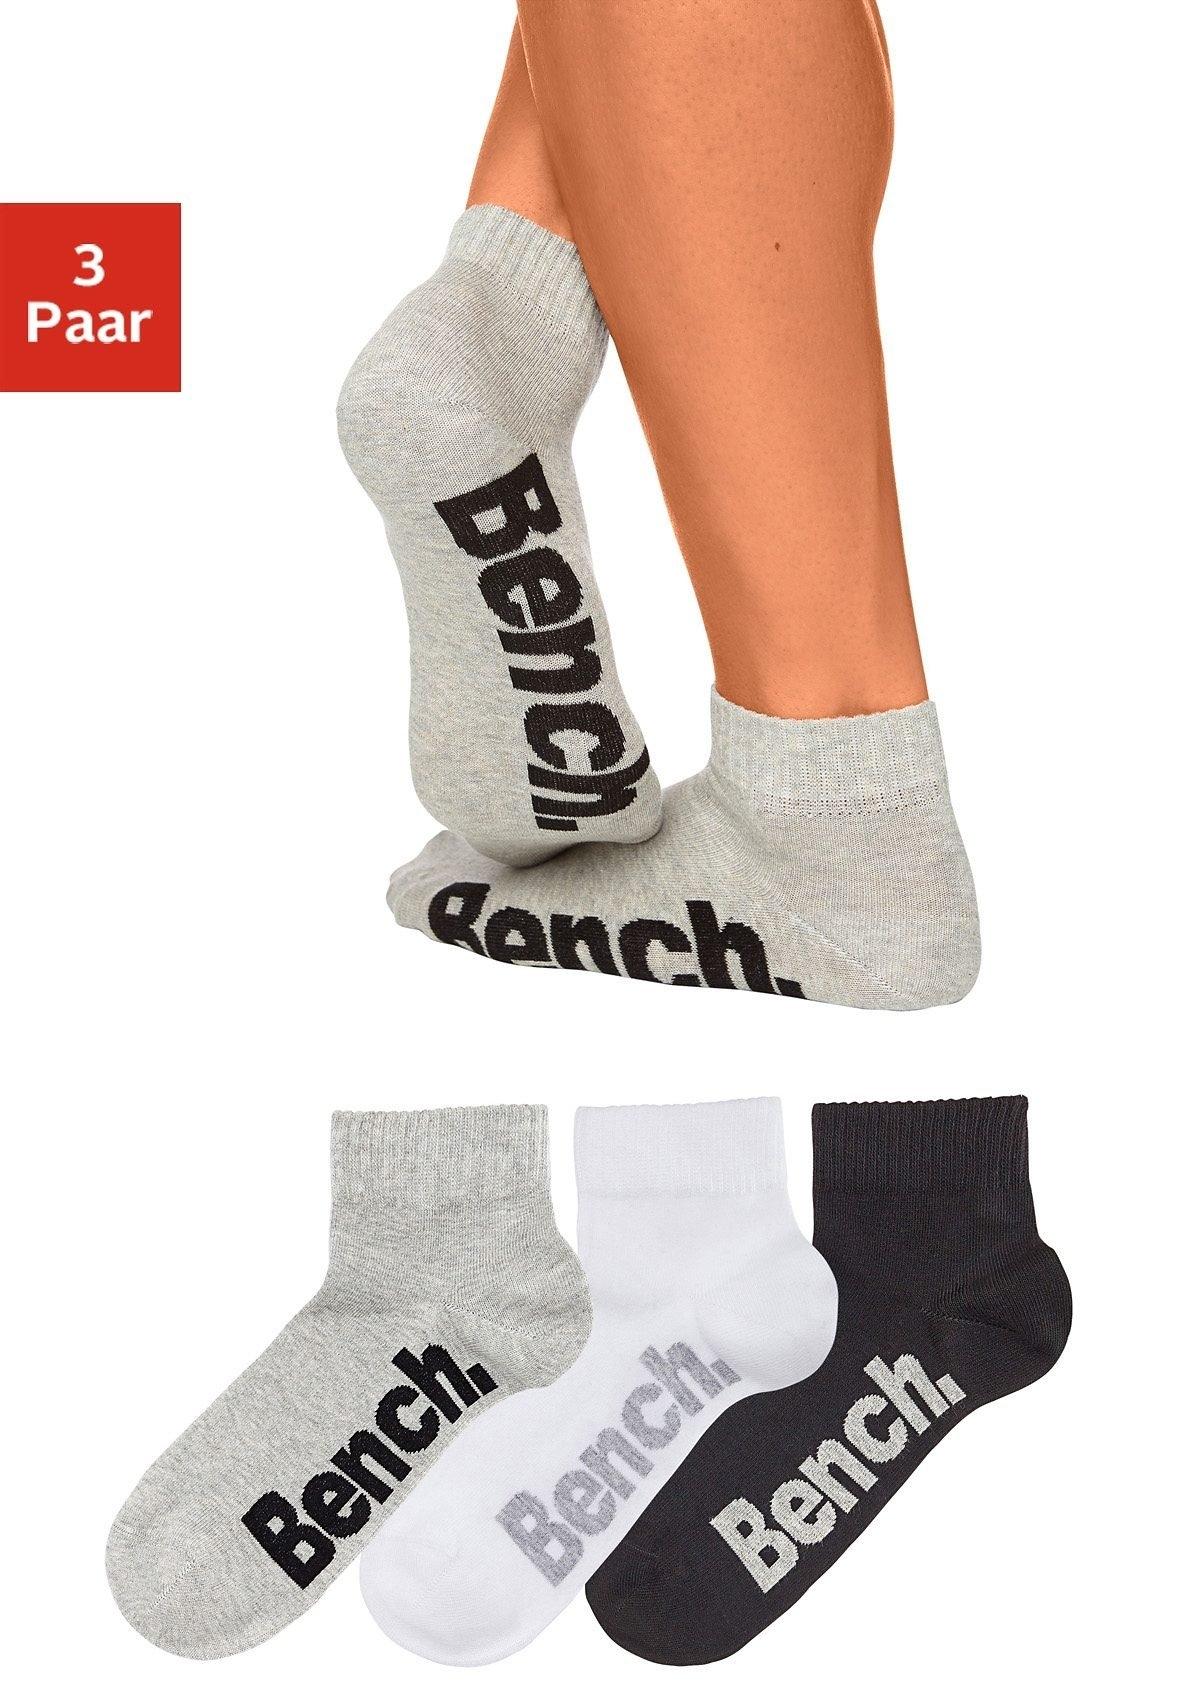 Bench. korte sokken met comfortabele ribboorden (3 paar) online kopen op lascana.nl